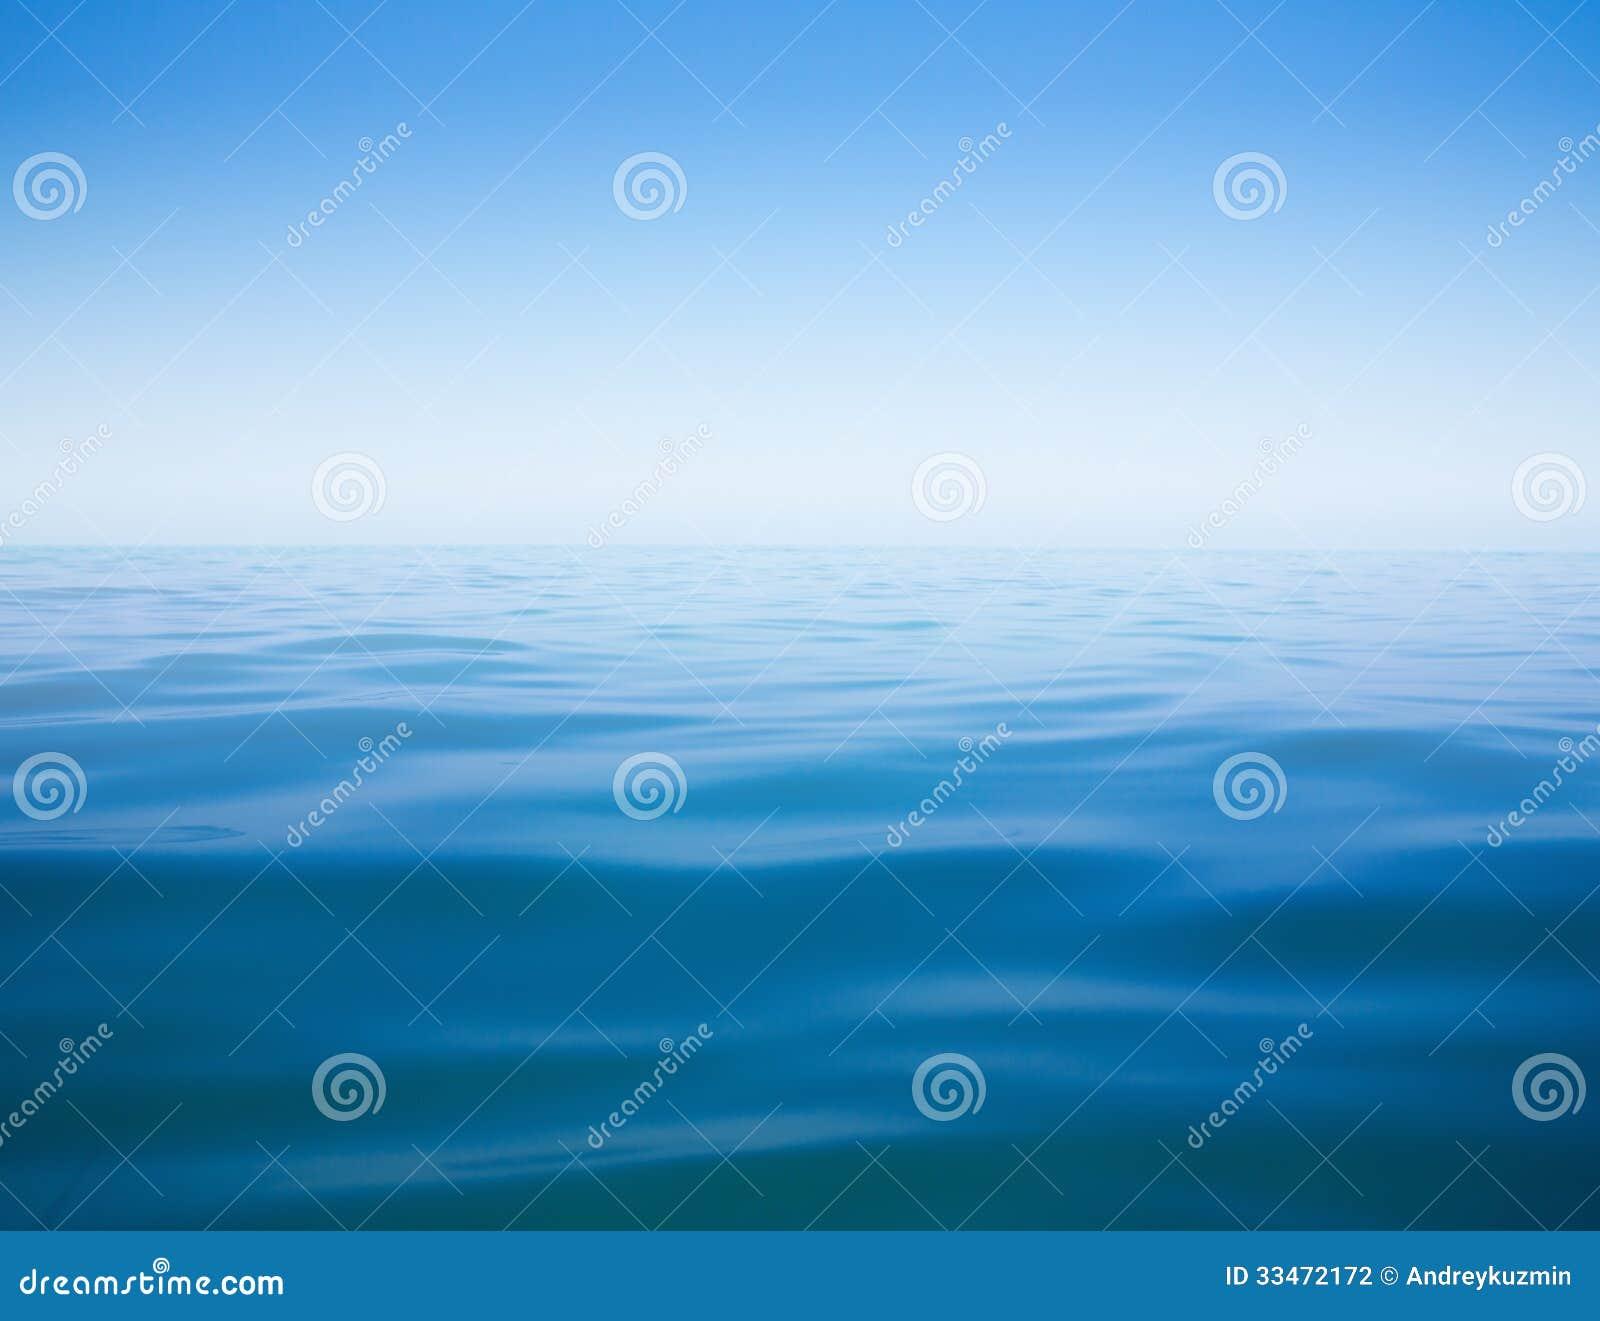 海洋水表面背景